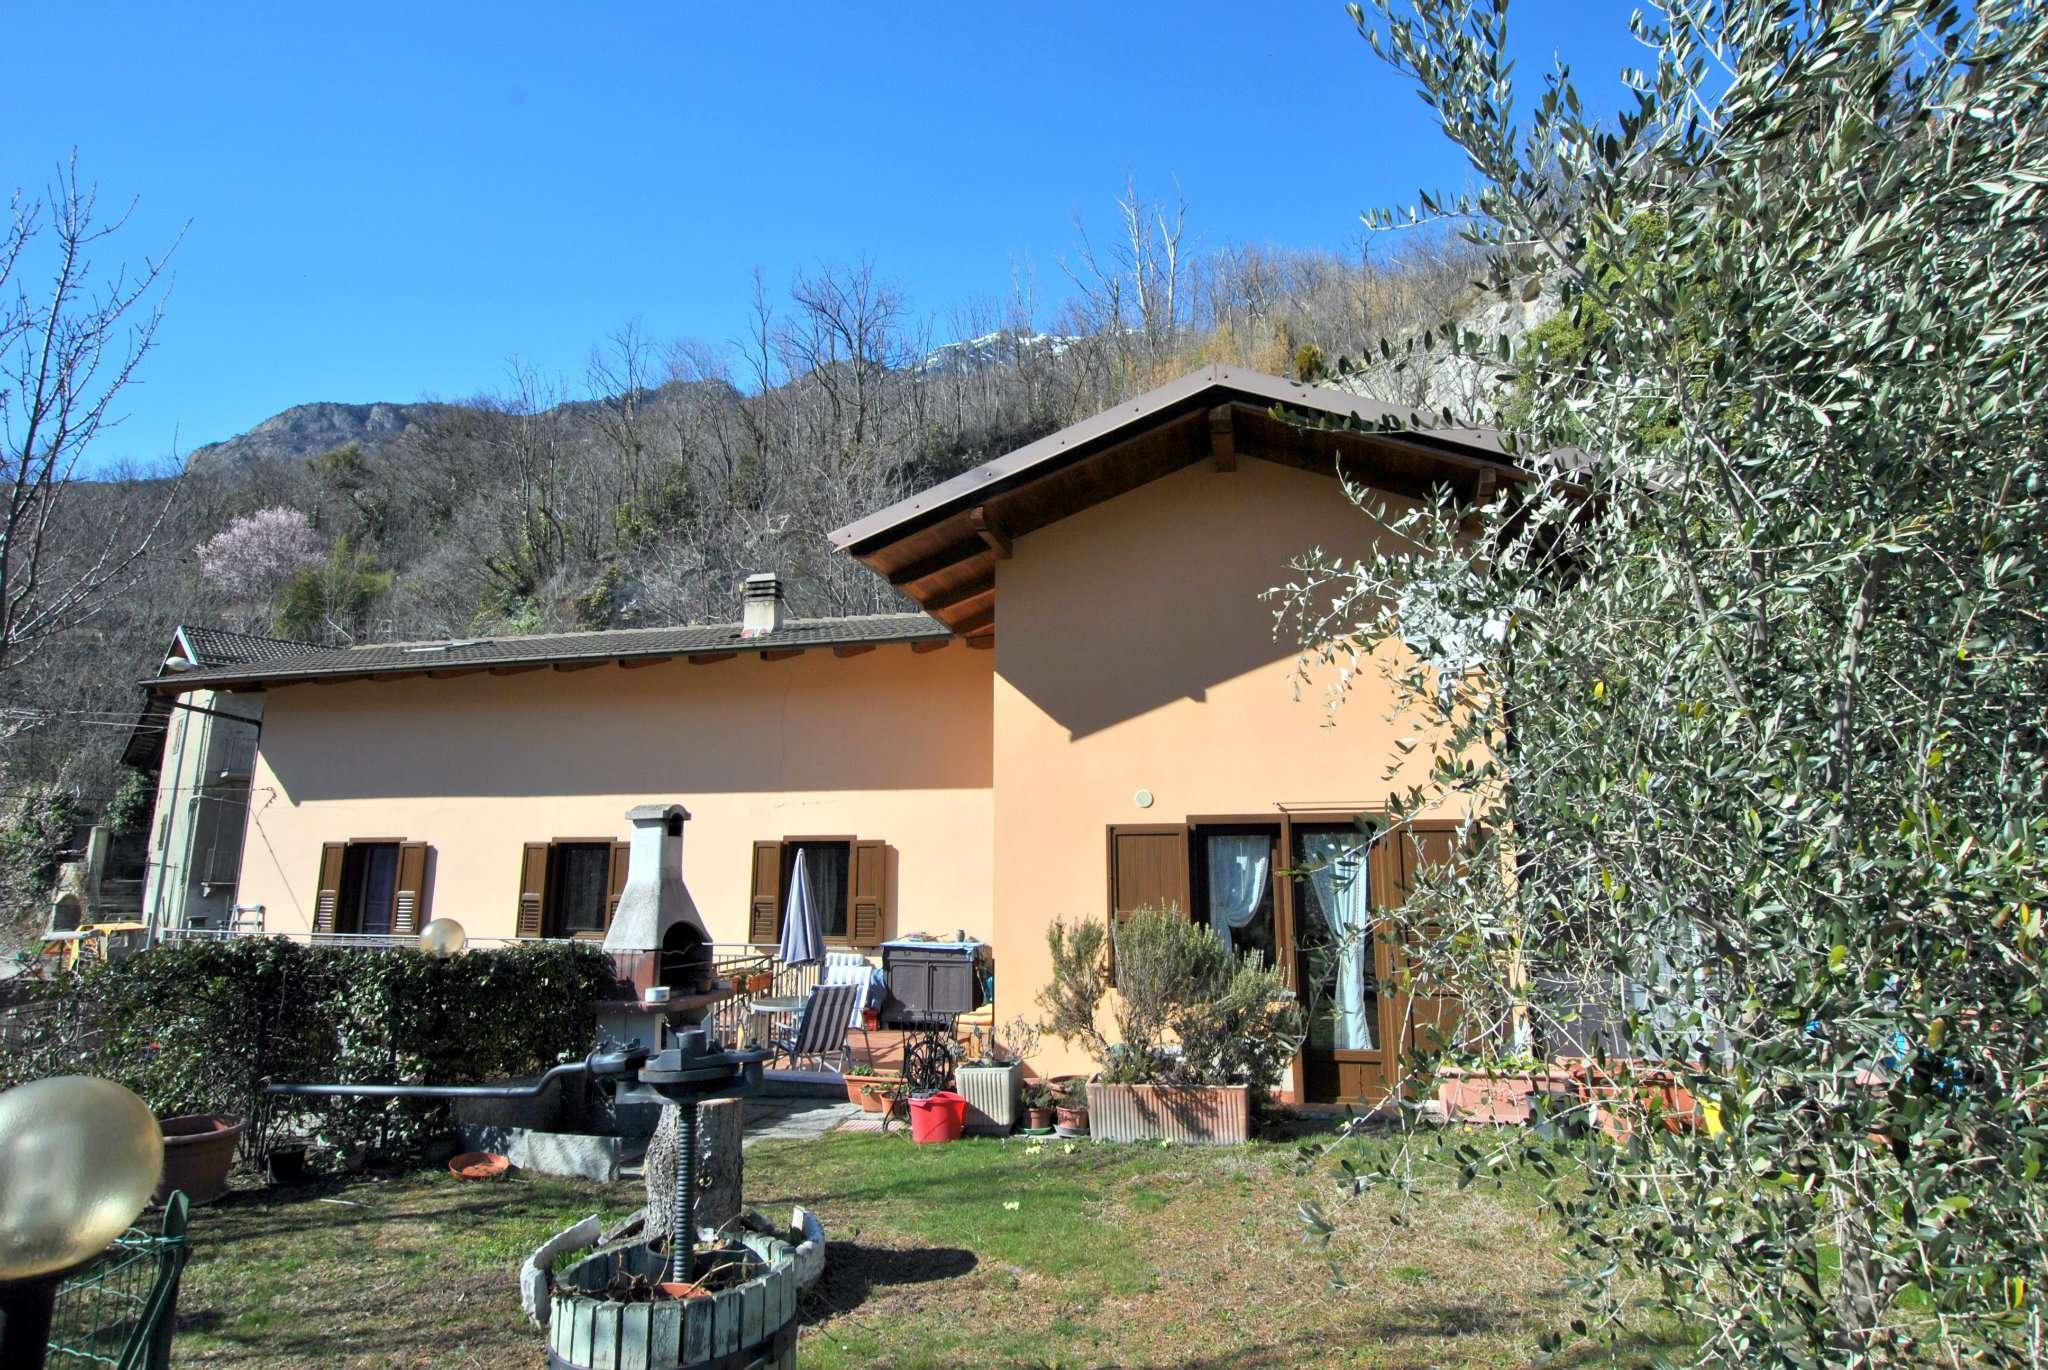 Soluzione Indipendente in vendita a Bussoleno, 8 locali, prezzo € 185.000 | CambioCasa.it